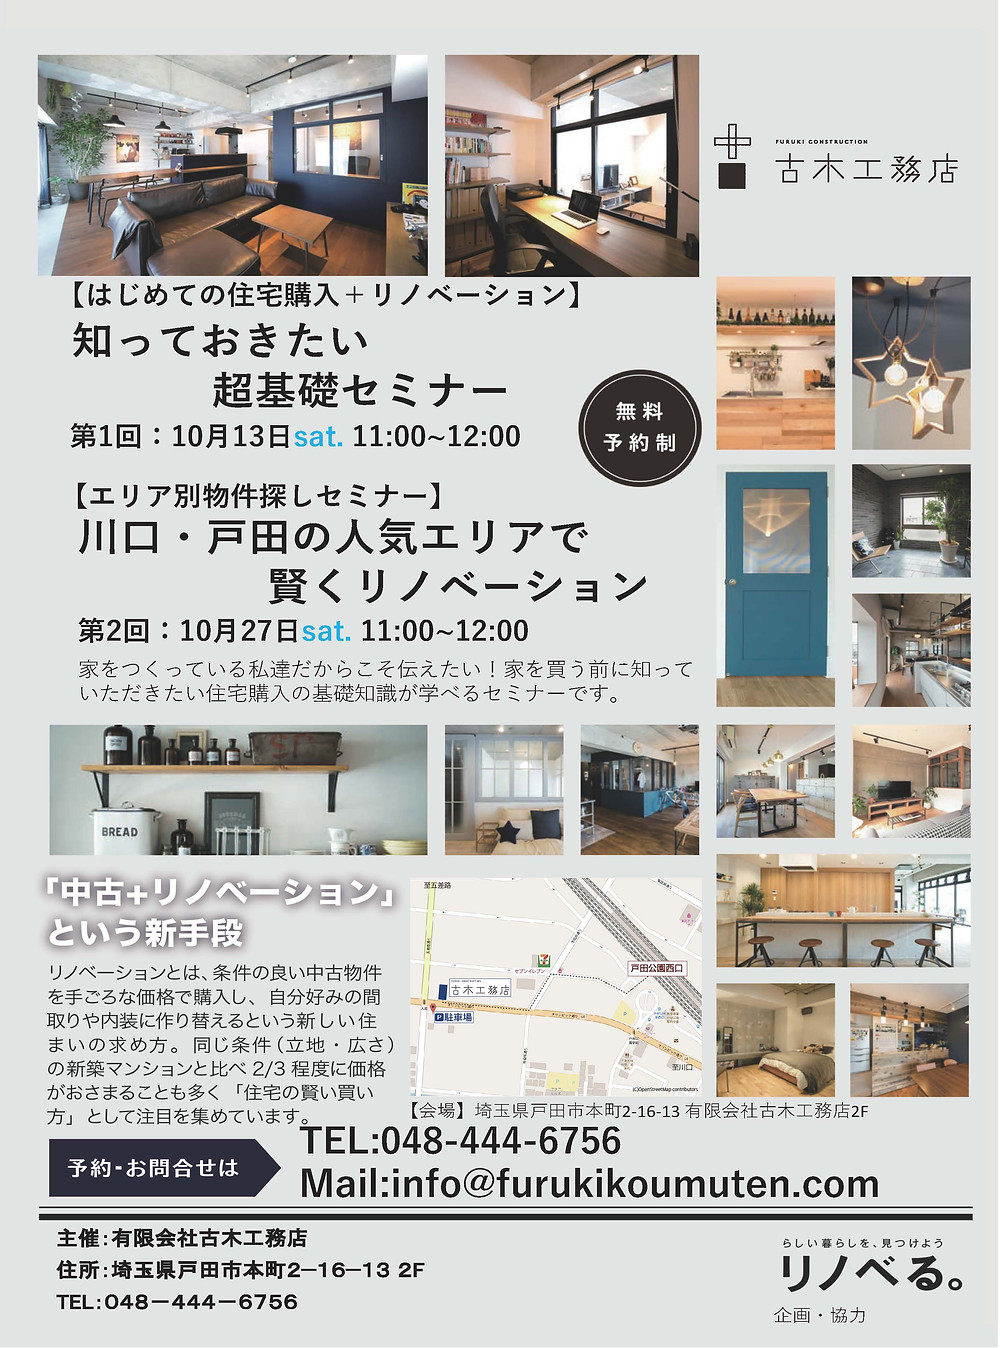 戸田市無料リノベーションセミナー